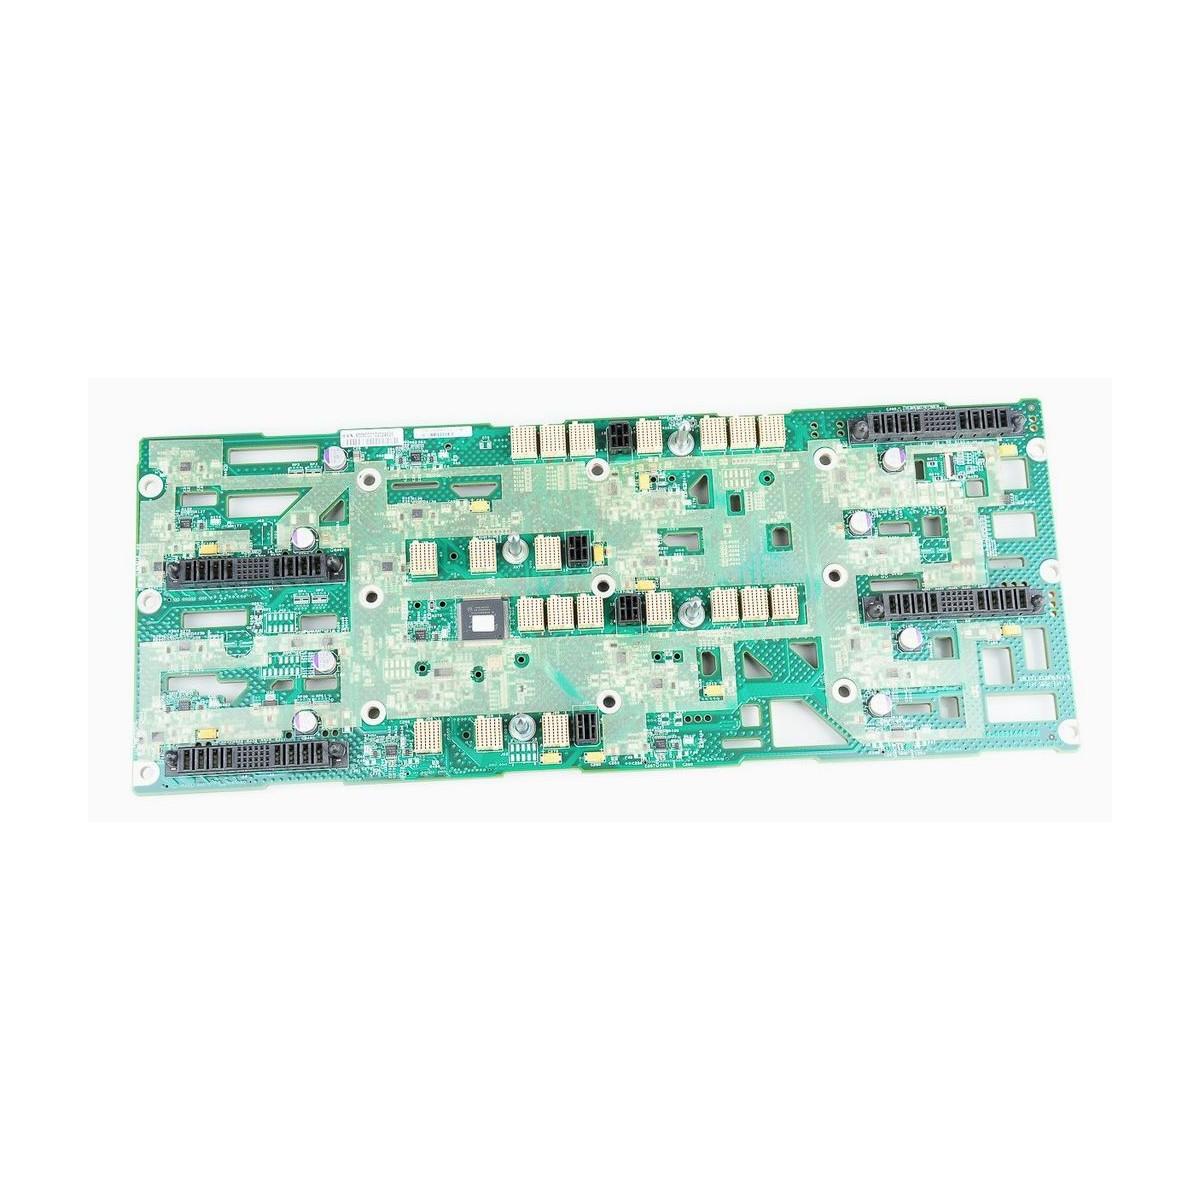 DELL T320 SIX CORE E5-2420v2 96GB 2x300GB SAS H710